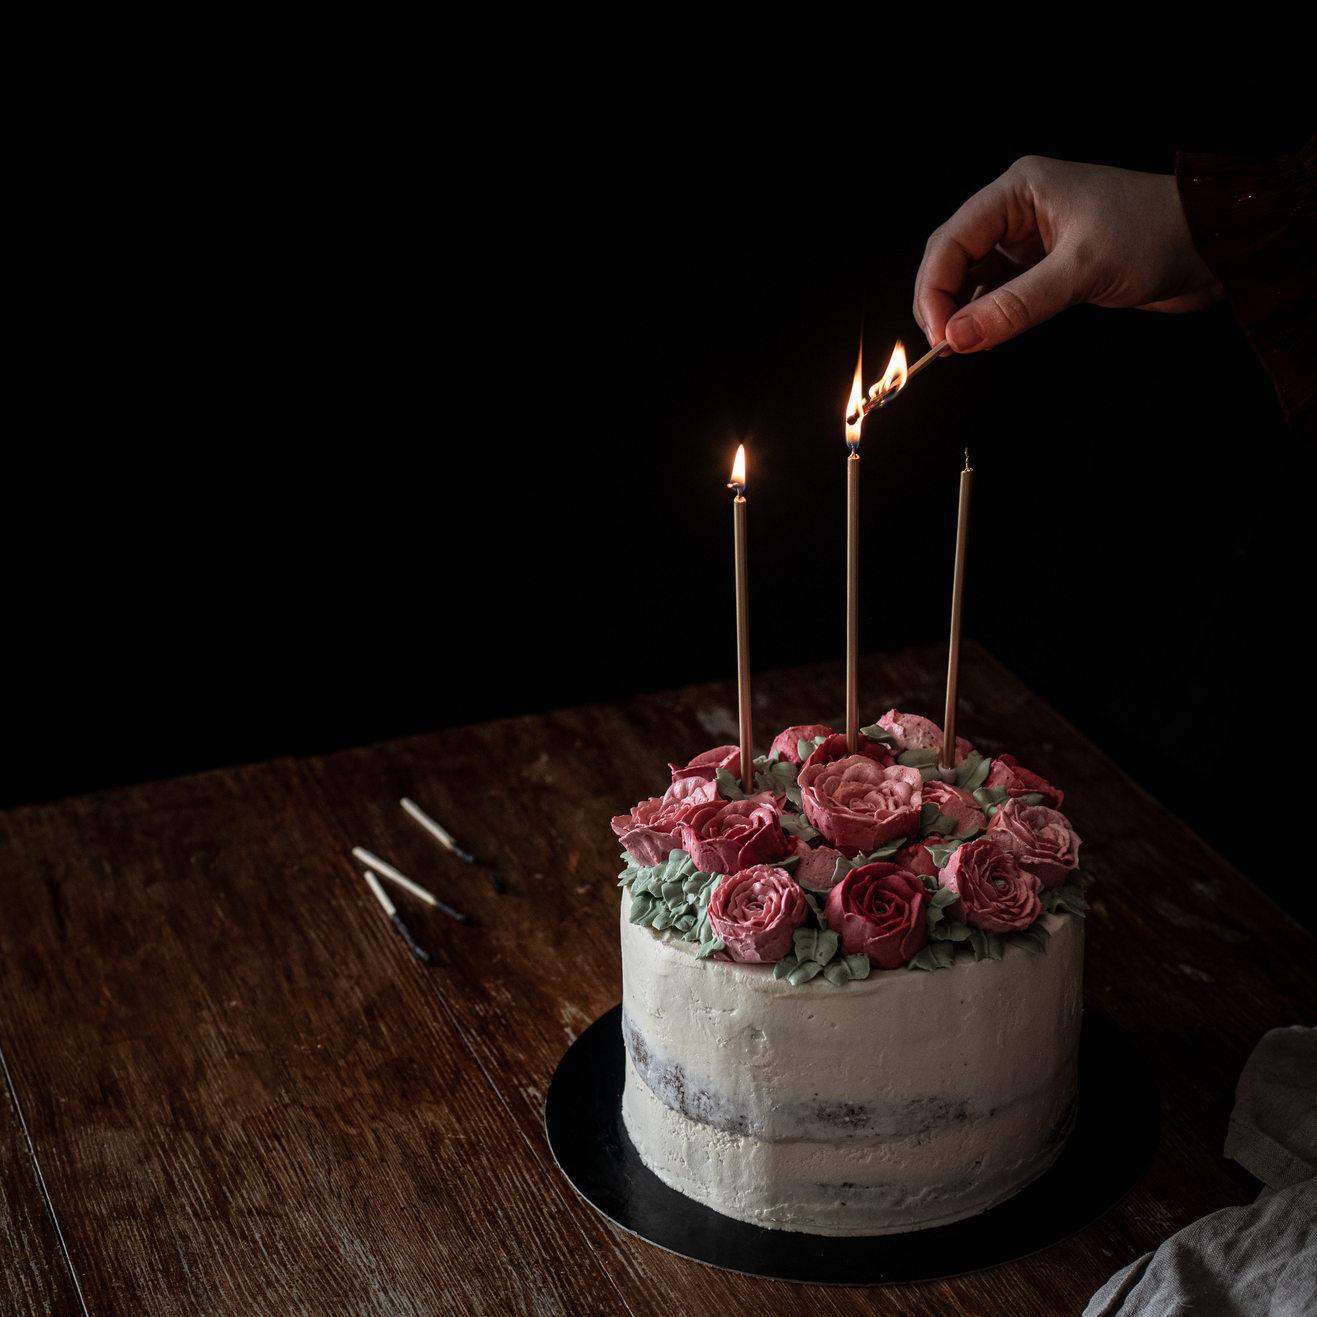 Photographie culinaire - Gâteau d'anniversaire